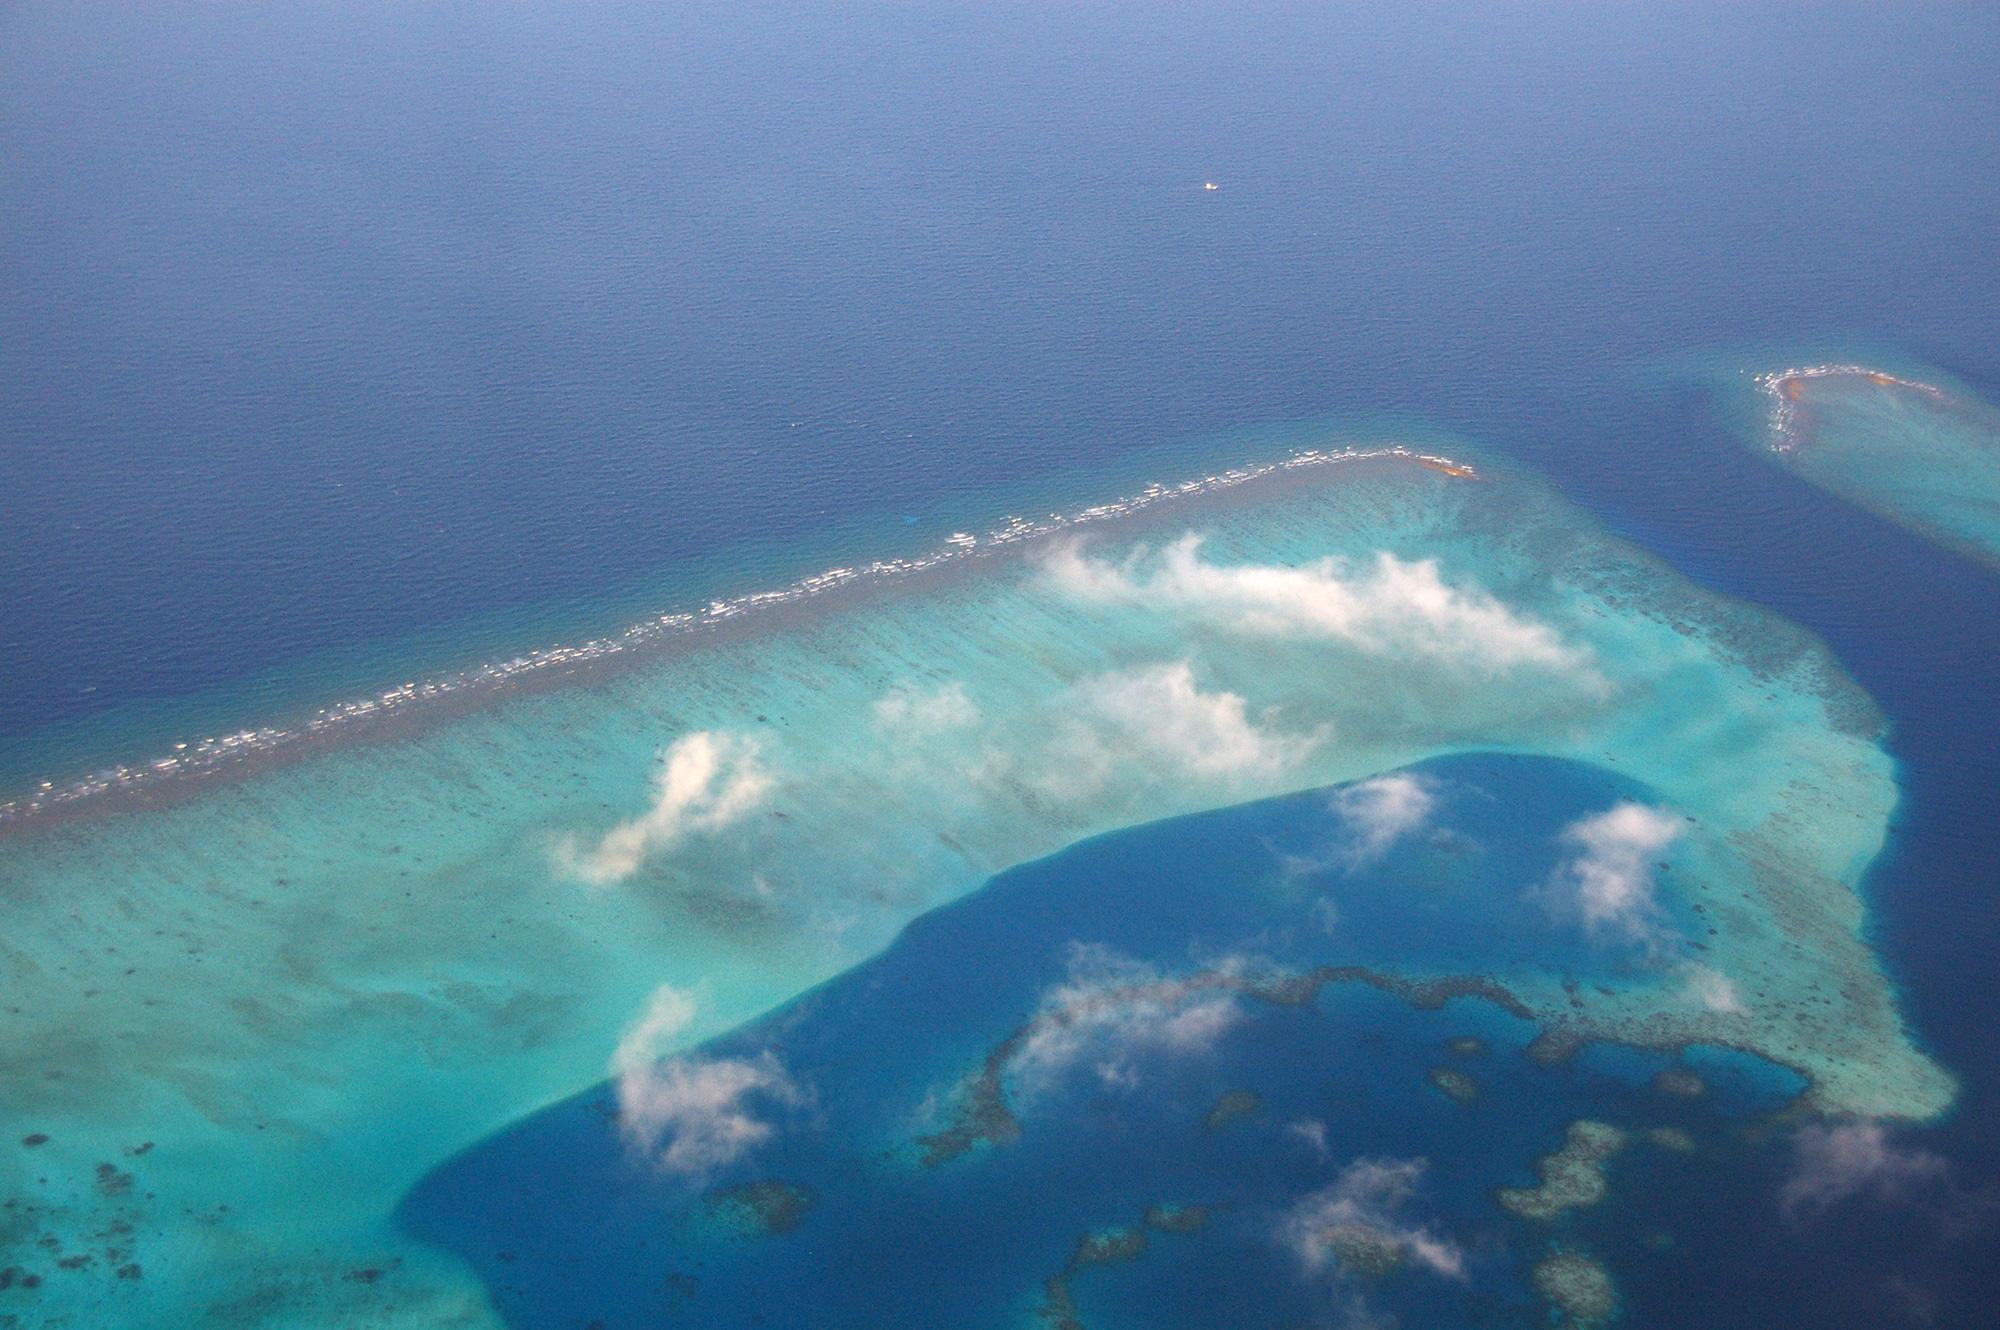 環礁の写真のフリー素材